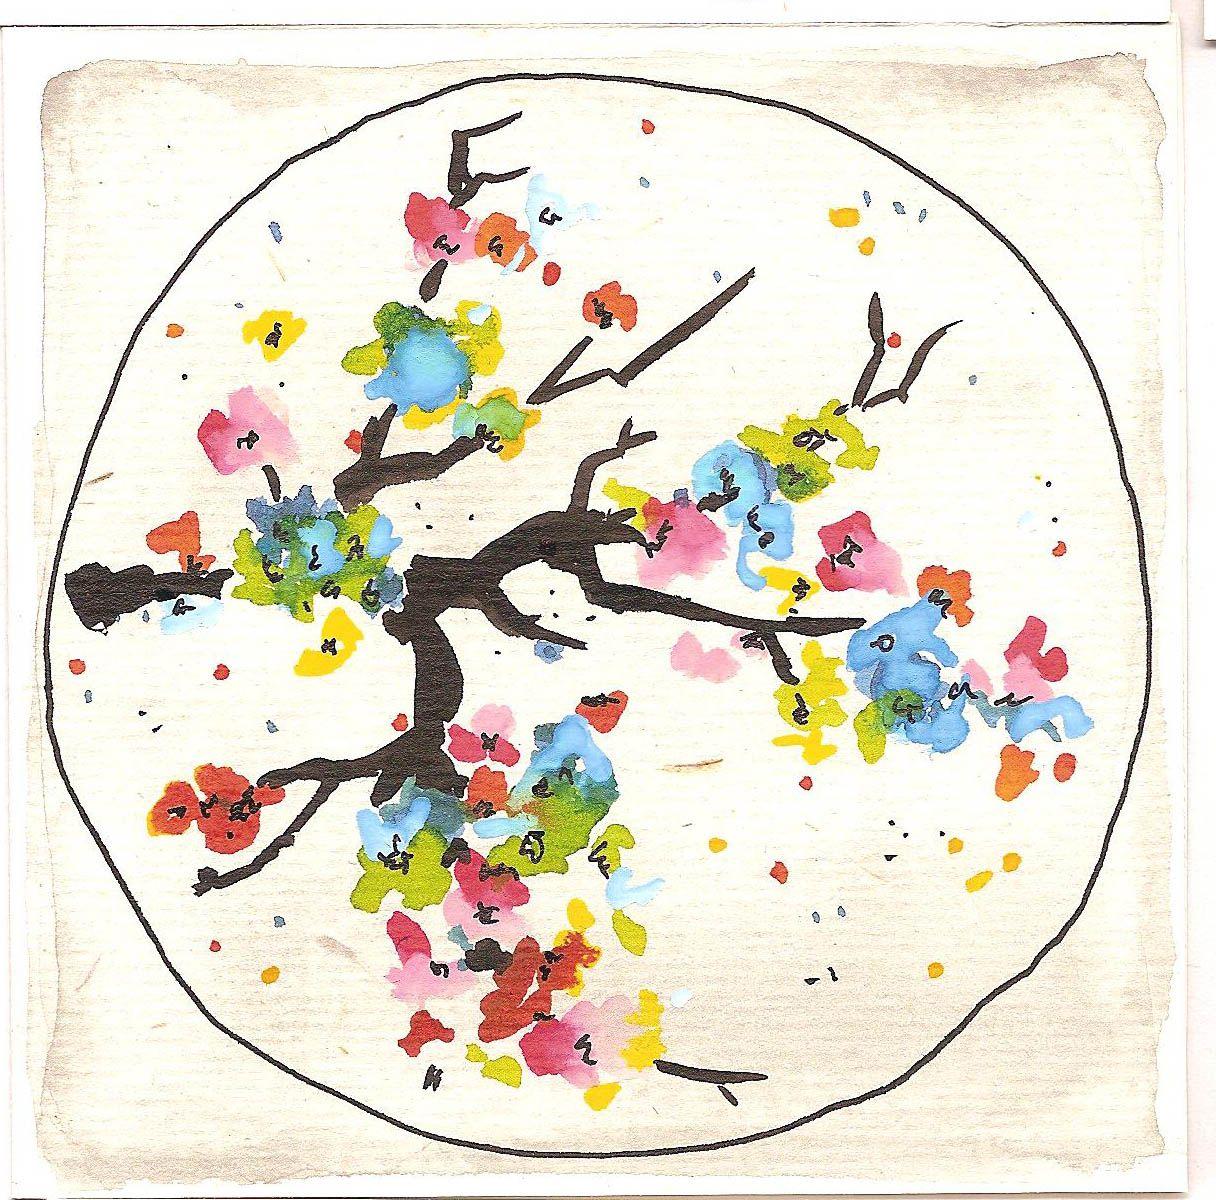 carte postale * pièce unique * par Calico Brindille